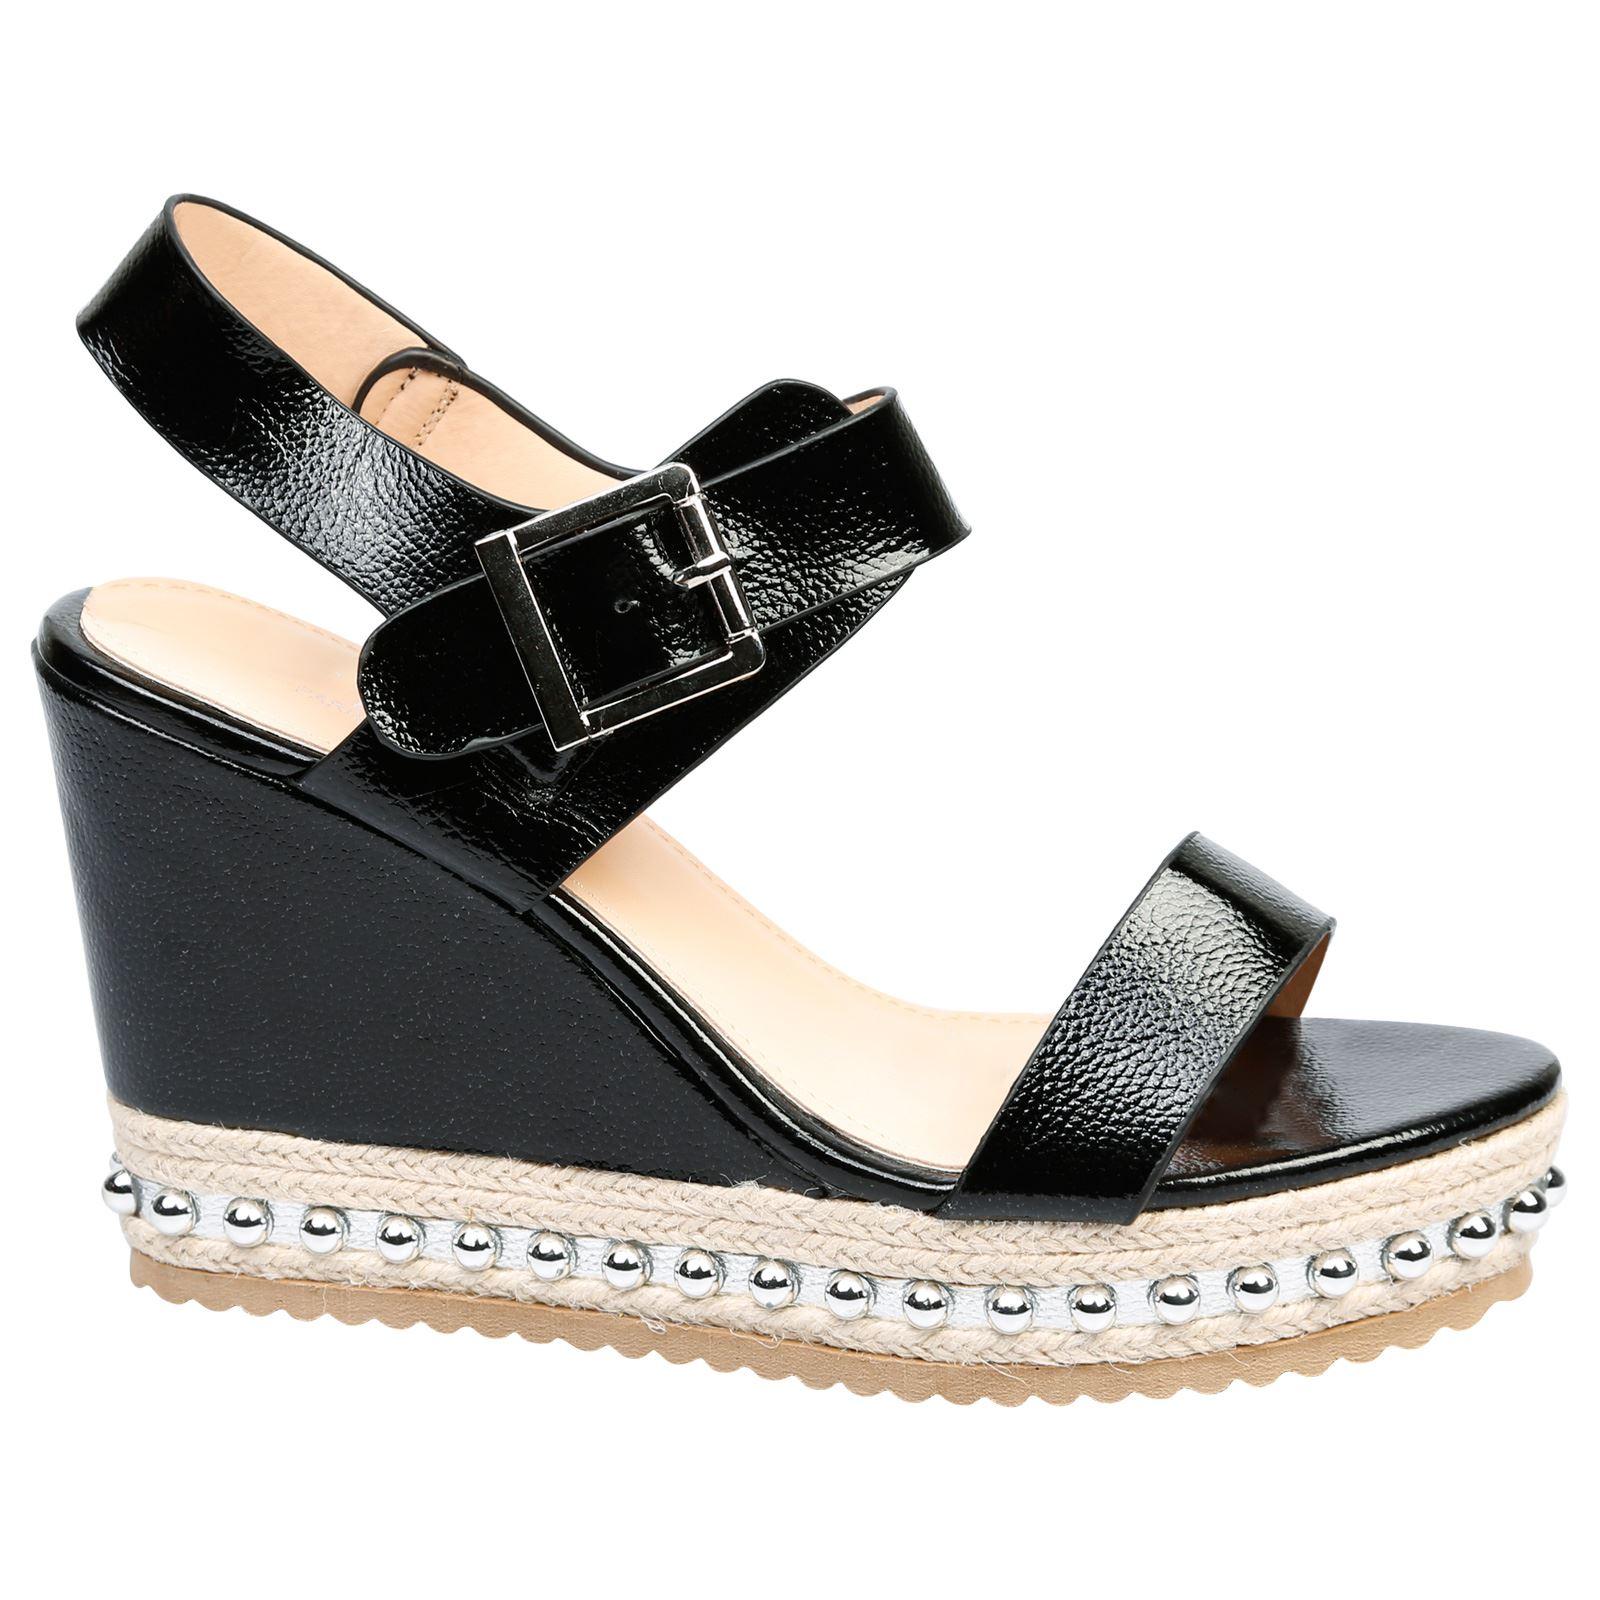 Sherri Womens High Heels Wedges Platforms Sandals Ladies ...